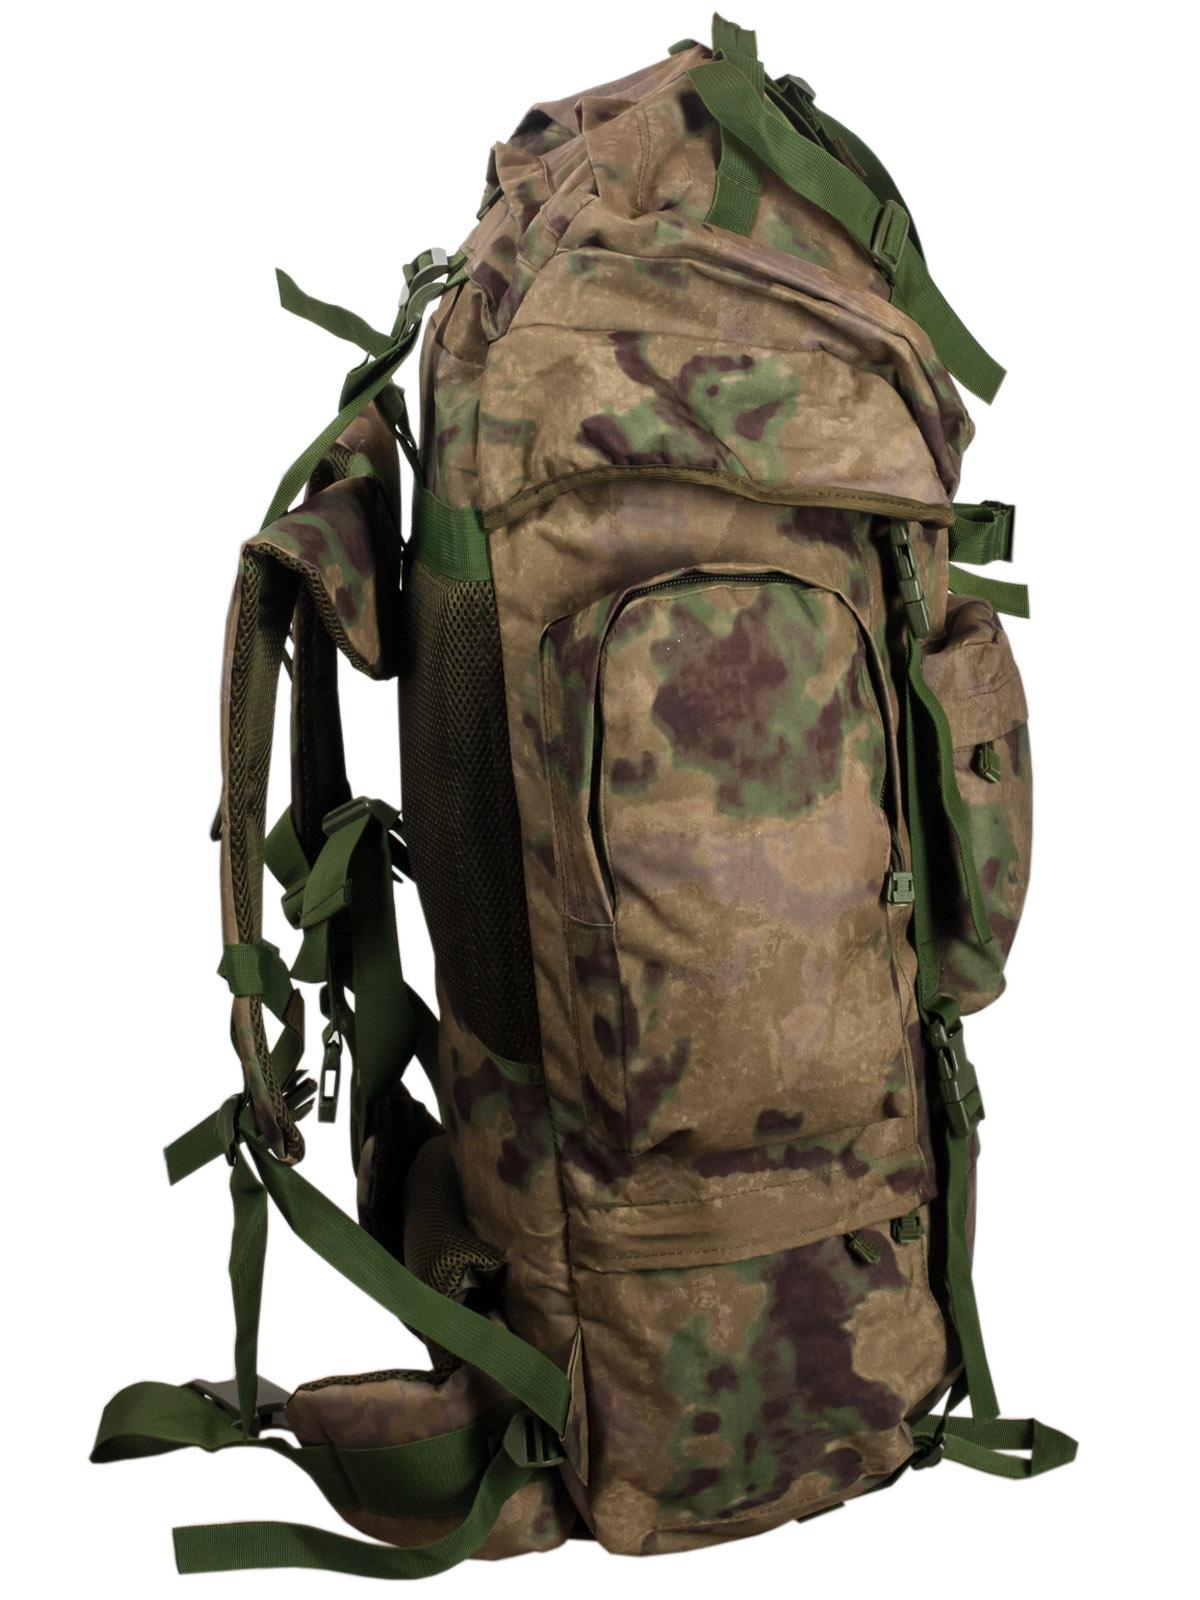 Тактический камуфляжный ранец-рюкзак УГРО - заказать в подарок